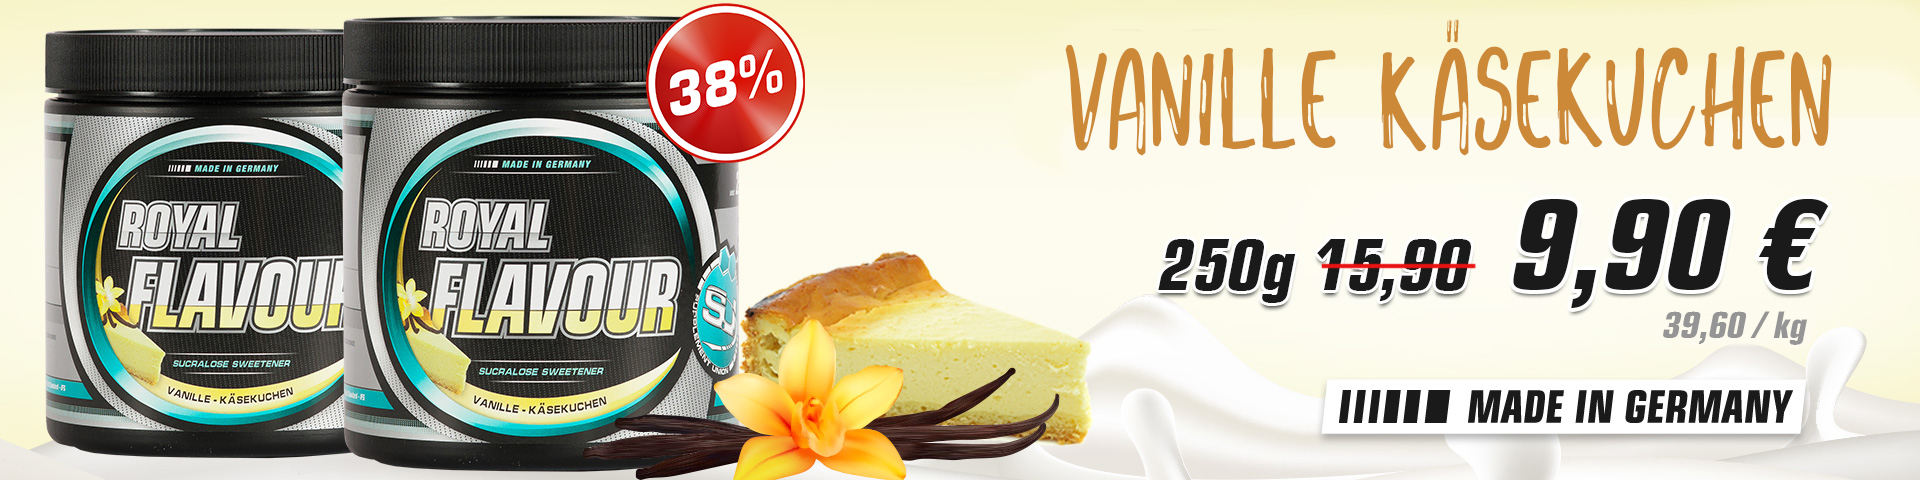 rf-vanille-kaesekuchen.jpg